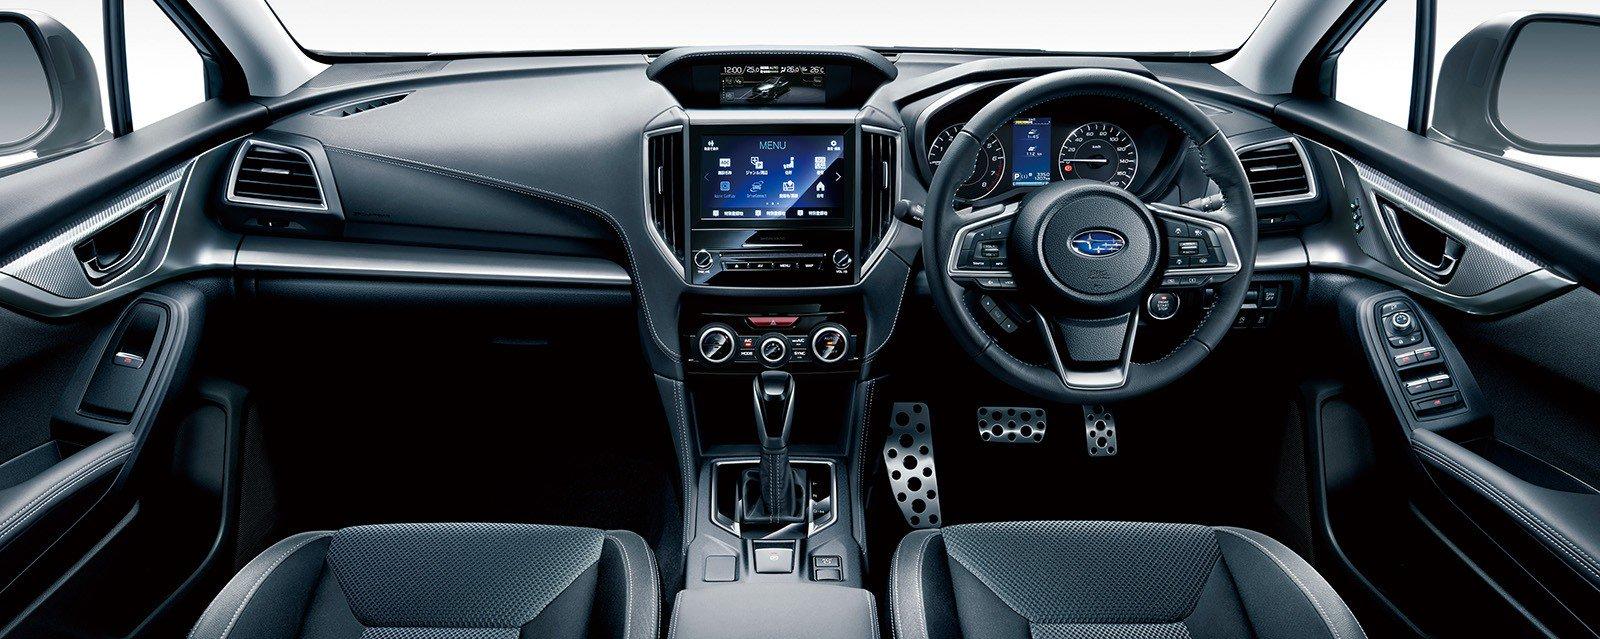 Subaru-Impreza-facelift-12